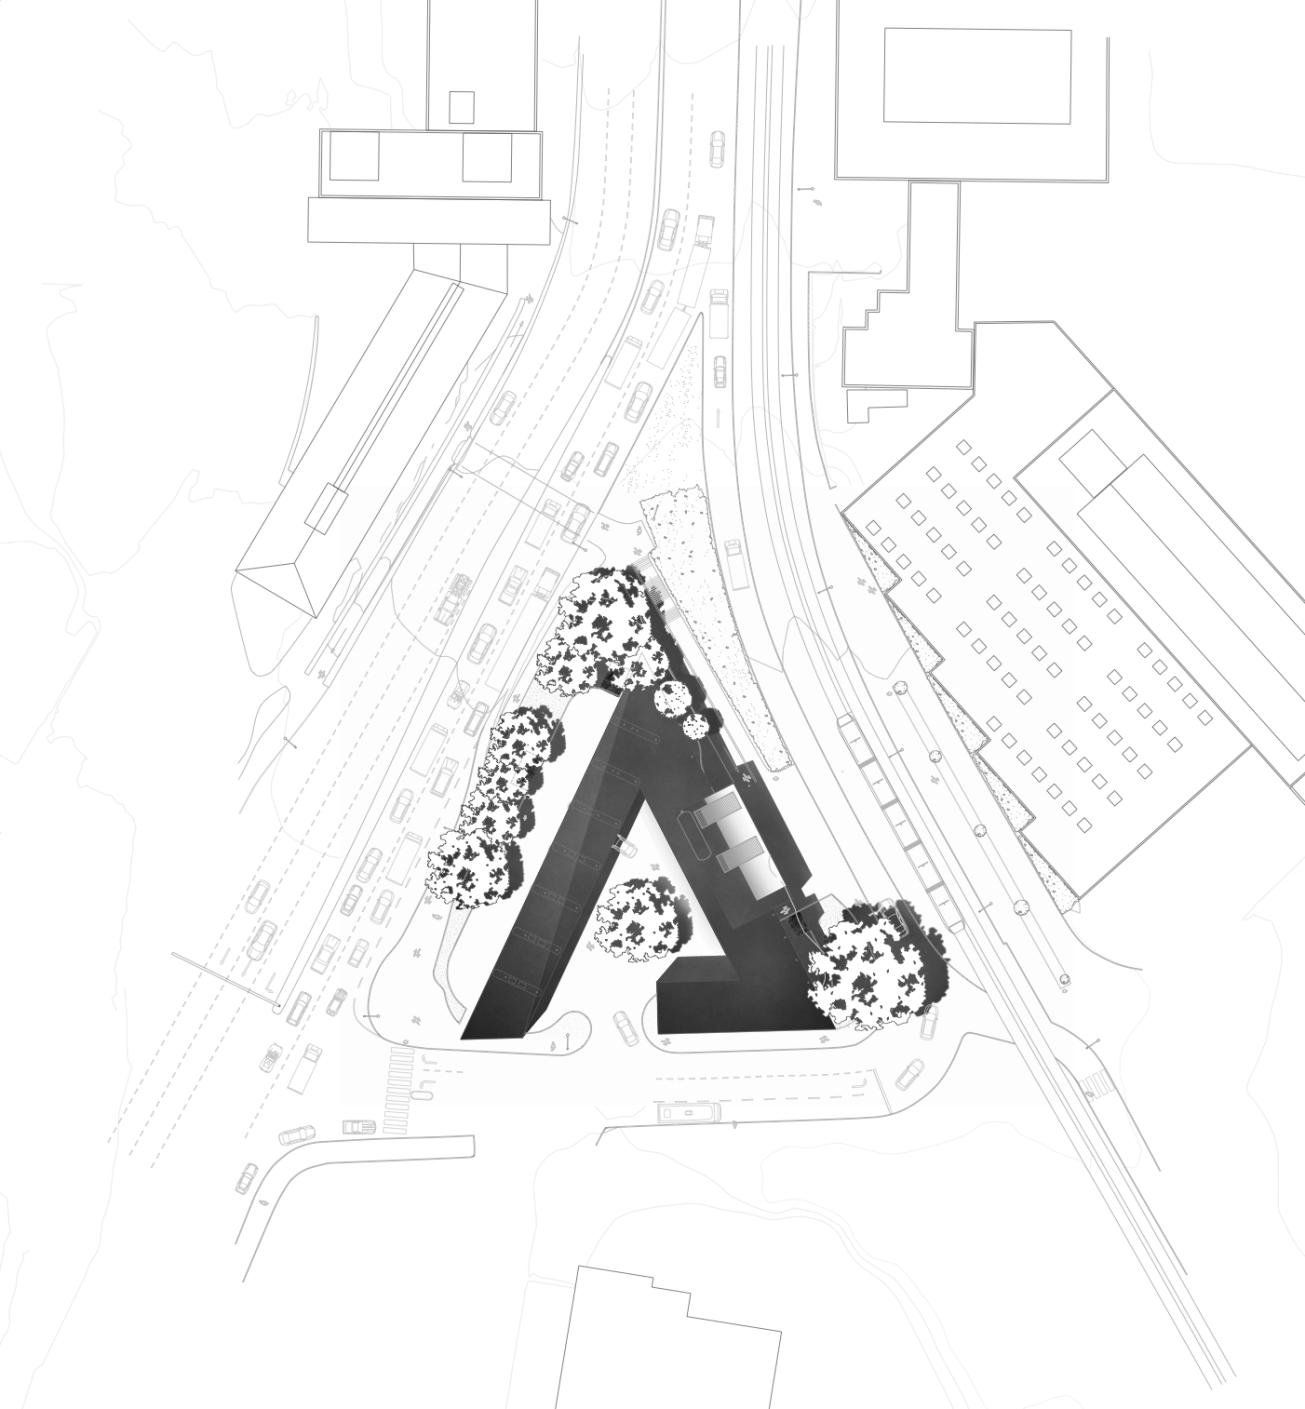 kolab-arkitekter_3